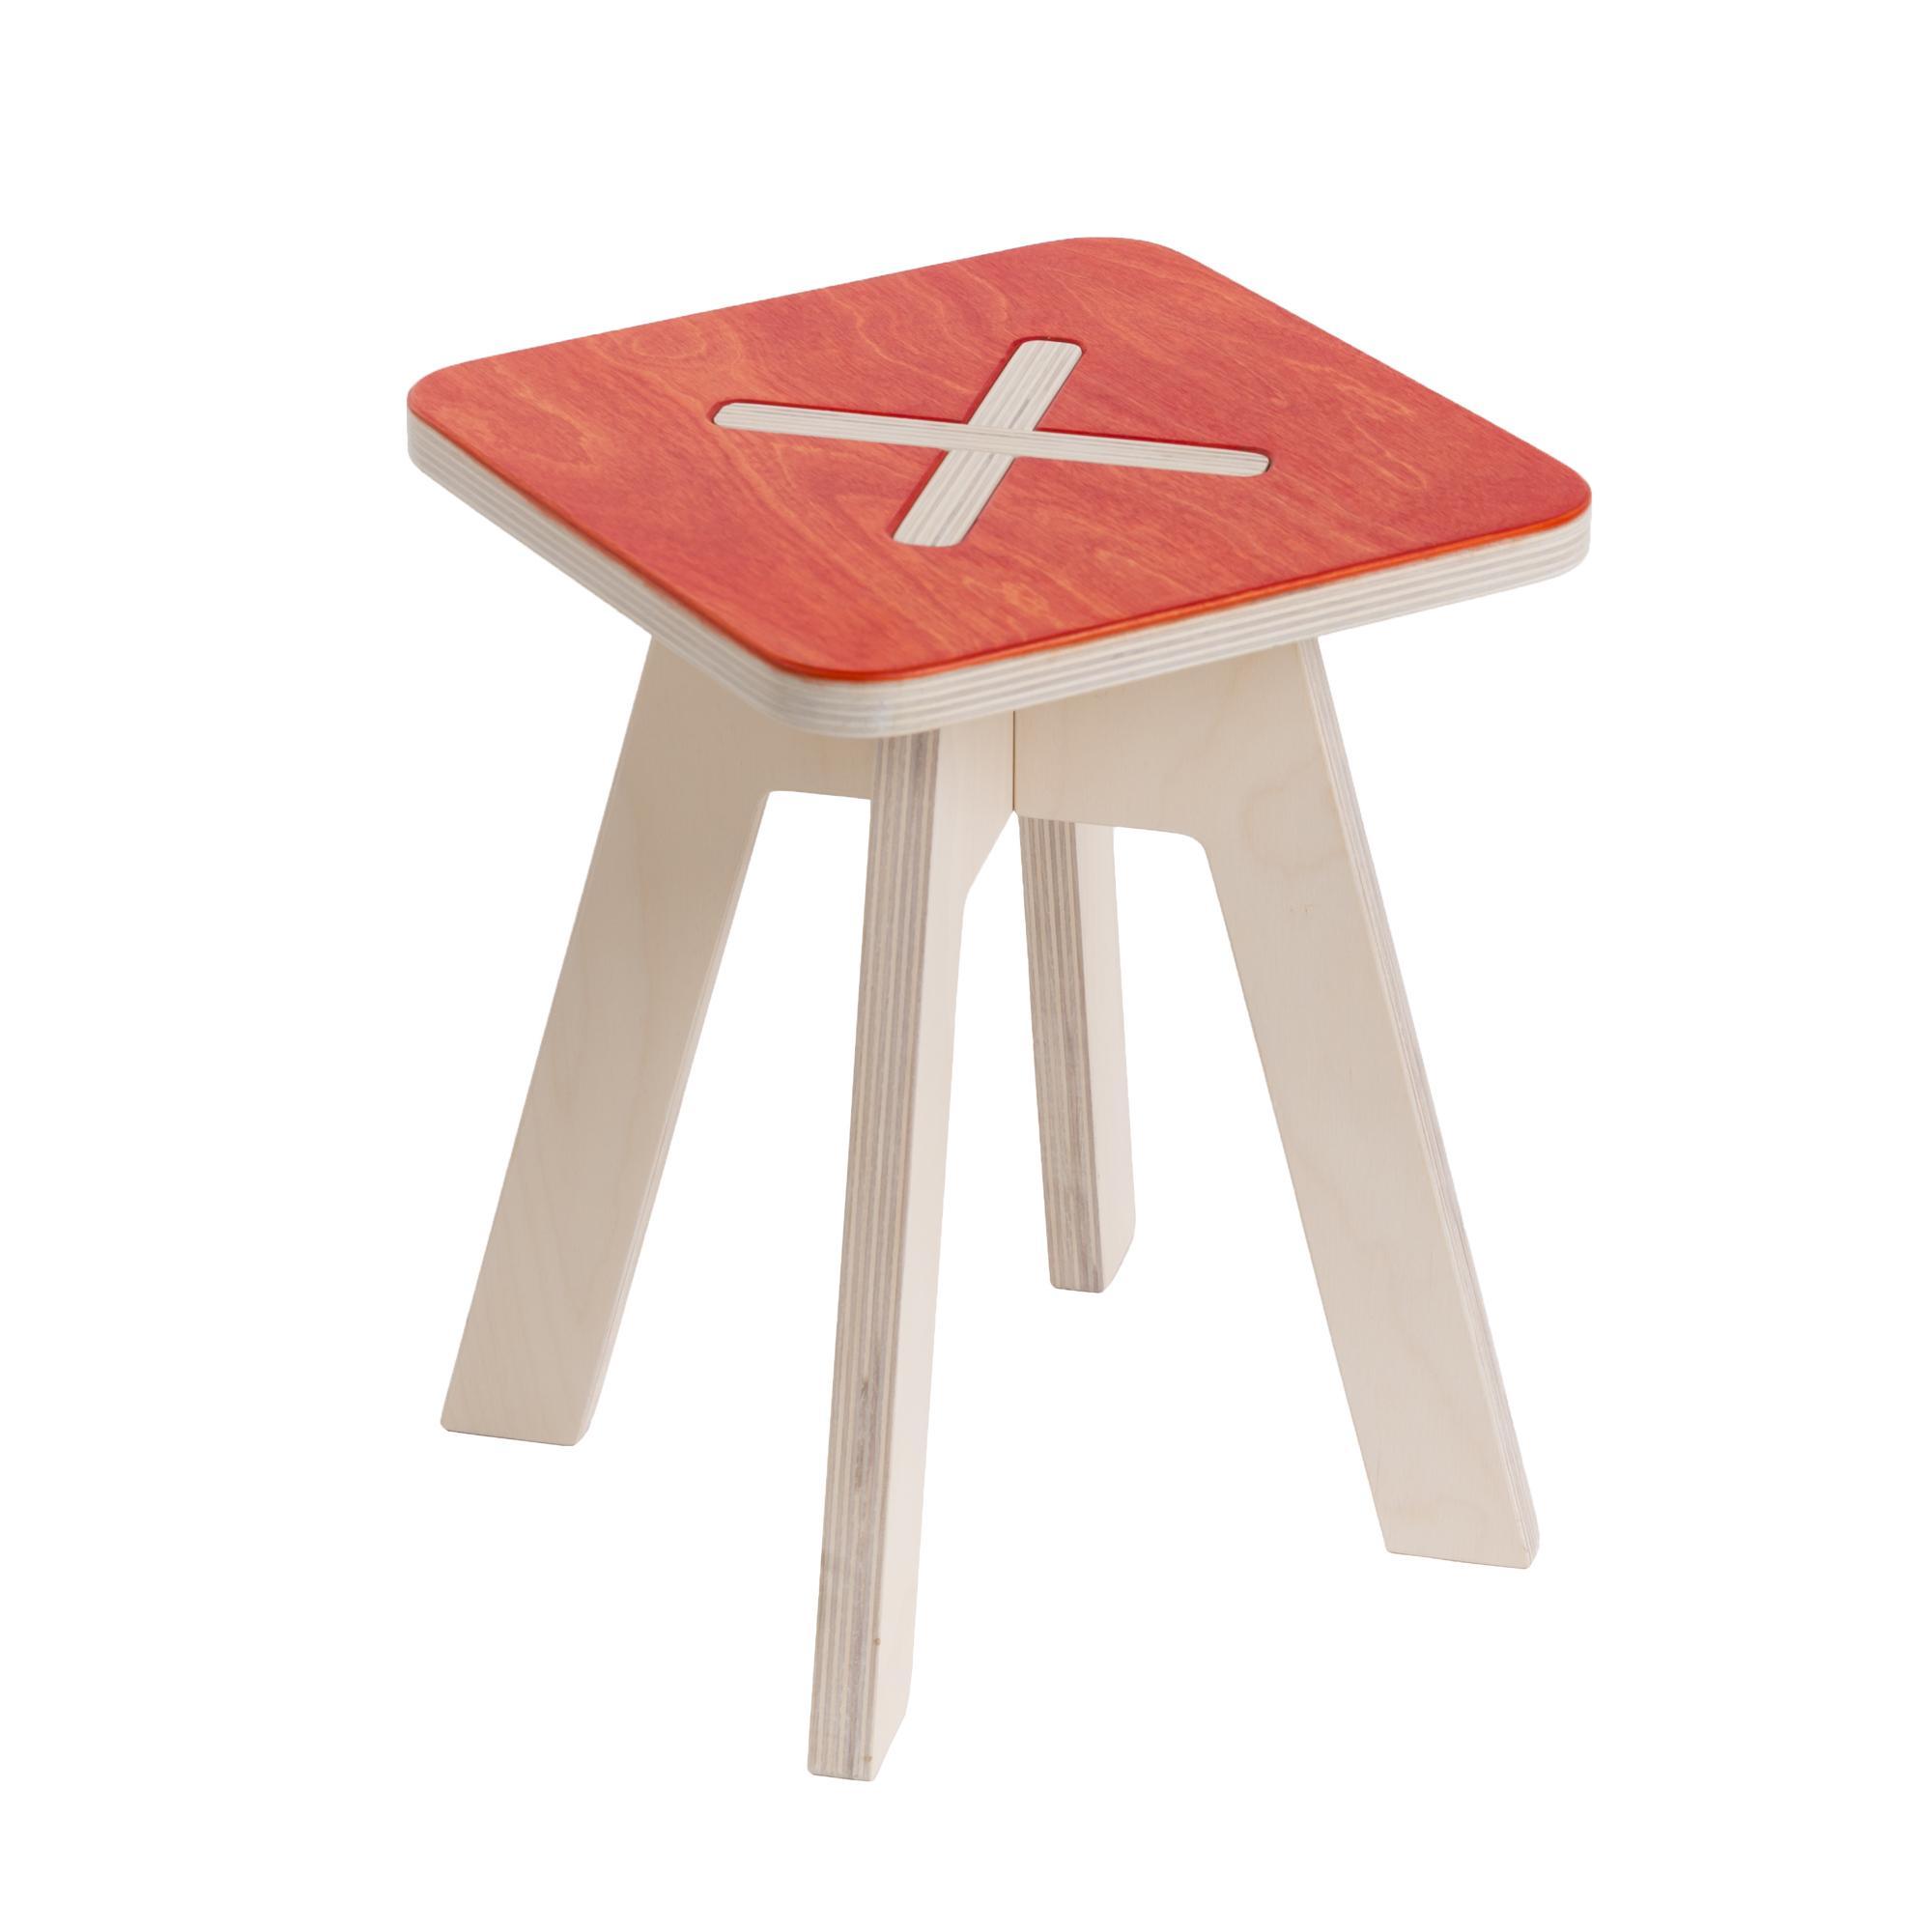 kinderstuhl aus holz rot. Black Bedroom Furniture Sets. Home Design Ideas